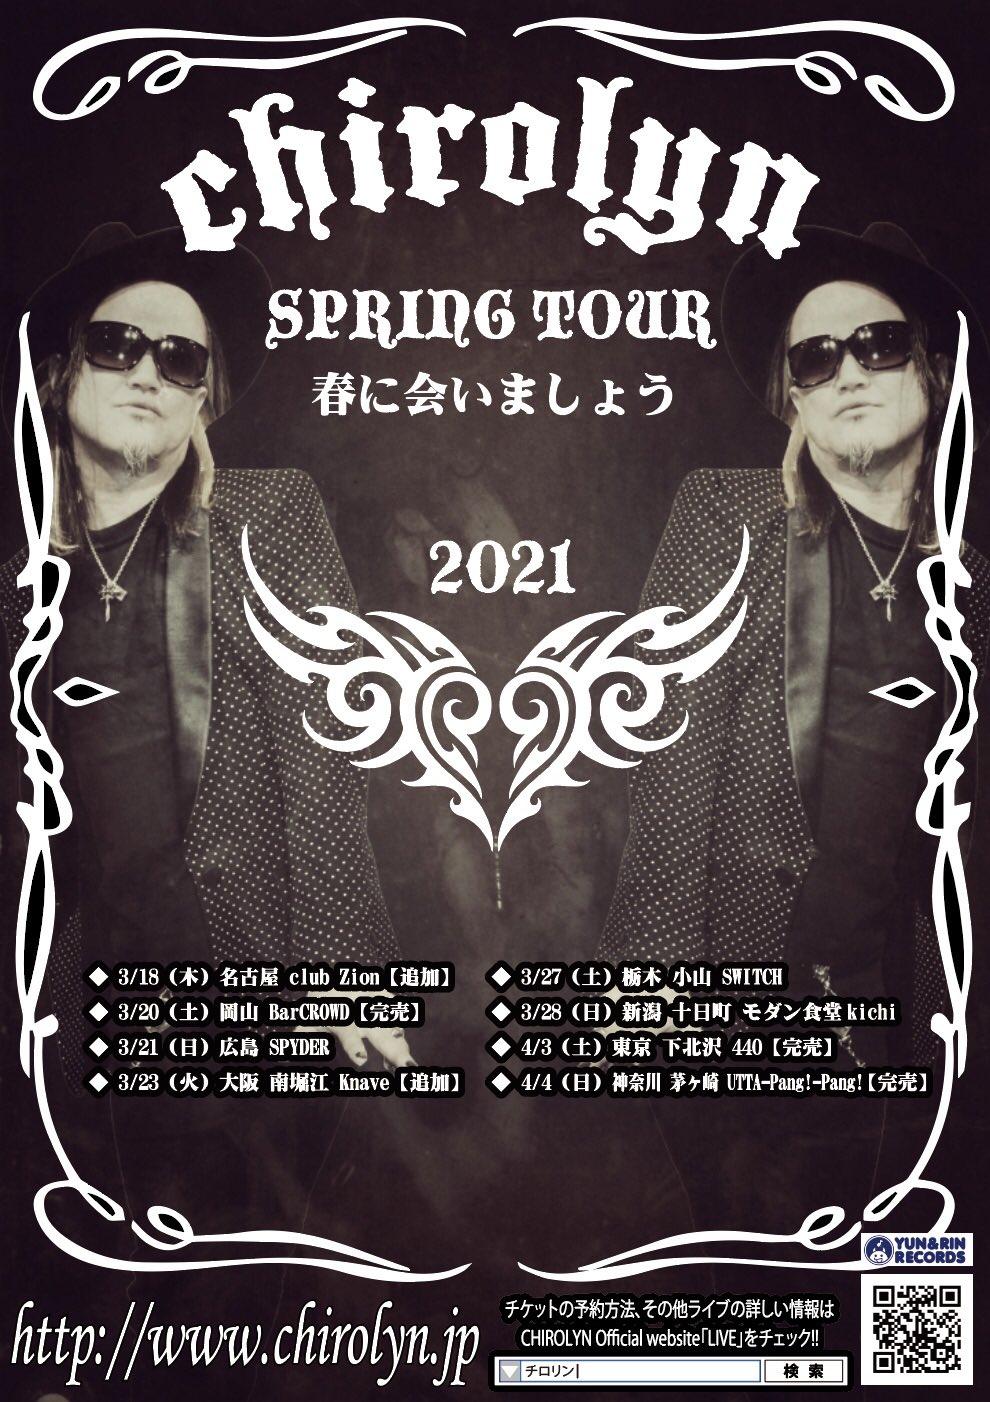 【来場 生配信 ※再振替公演】Chirolyn Spring Tour 春に会いましょう 2021